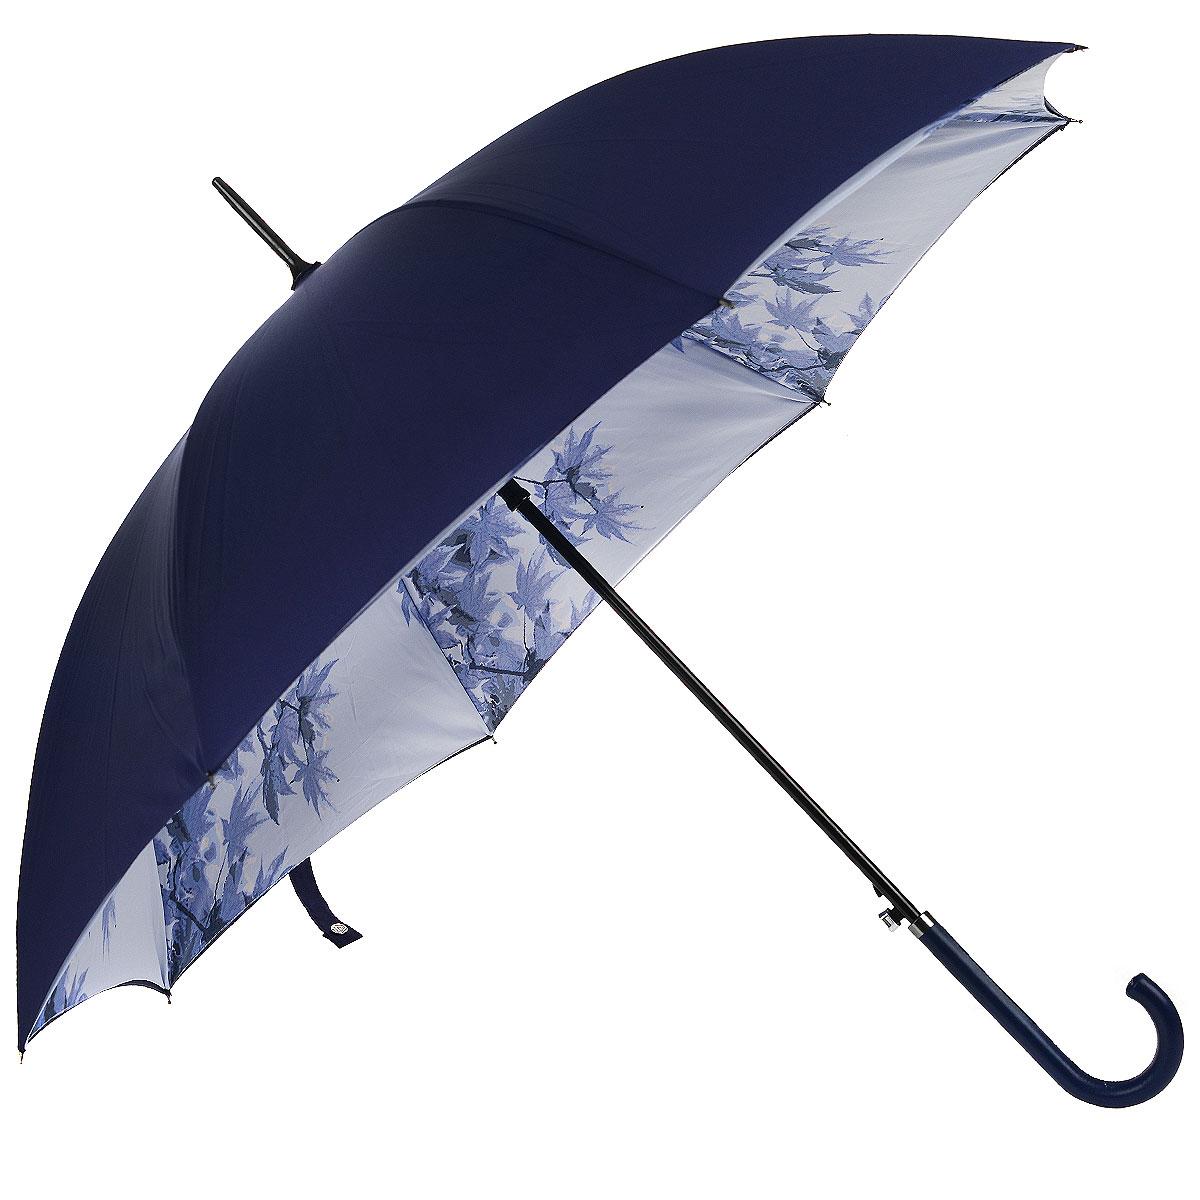 Зонт-трость женский Falling Leafs, полуавтомат, цвет: синий. L754 3F2637L754 3F2637Стильный полуавтоматический зонт-трость Falling Leafs даже в ненастную погоду позволит вам оставаться элегантной. Утонченный каркас зонта выполнен из 8 спиц из фибергласса, стержень изготовлен из алюминия. Купол зонта выполнен из прочного полиэстера синего цвета с внешней стороны и оформлен принтом в виде листьев - на внутренней. Рукоятка закругленной формы разработана с учетом требований эргономики и обтянута искусственной кожей. Зонт имеет полуавтоматический механизм сложения: купол открывается нажатием кнопки на рукоятке, а закрывается вручную до характерного щелчка. Такой зонт не только надежно защитит вас от дождя, но и станет стильным аксессуаром.